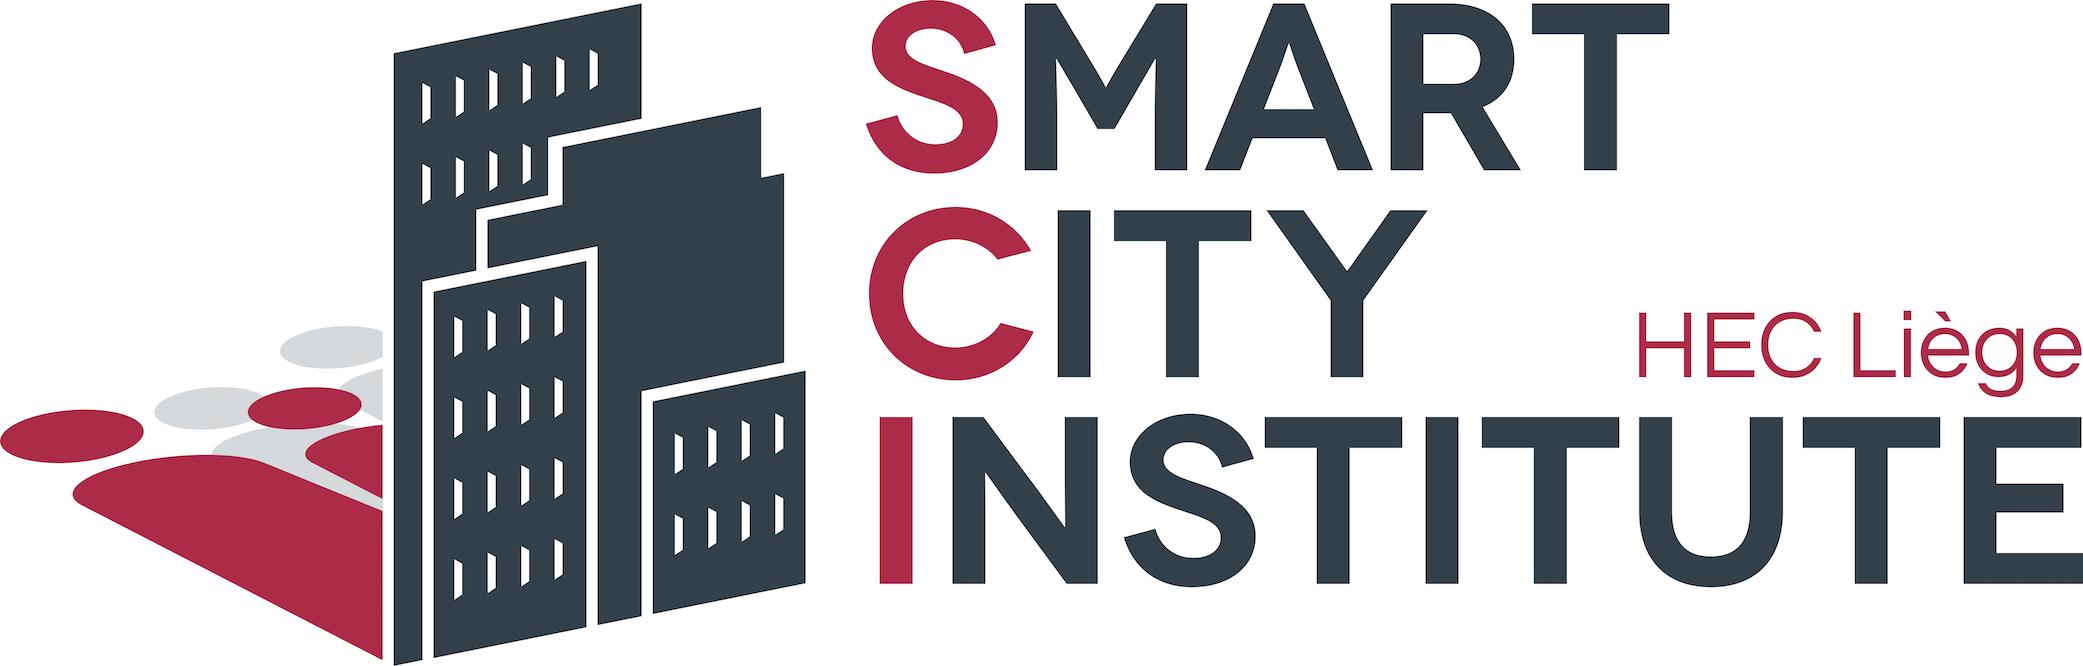 Smartcity Institute HEC Liège